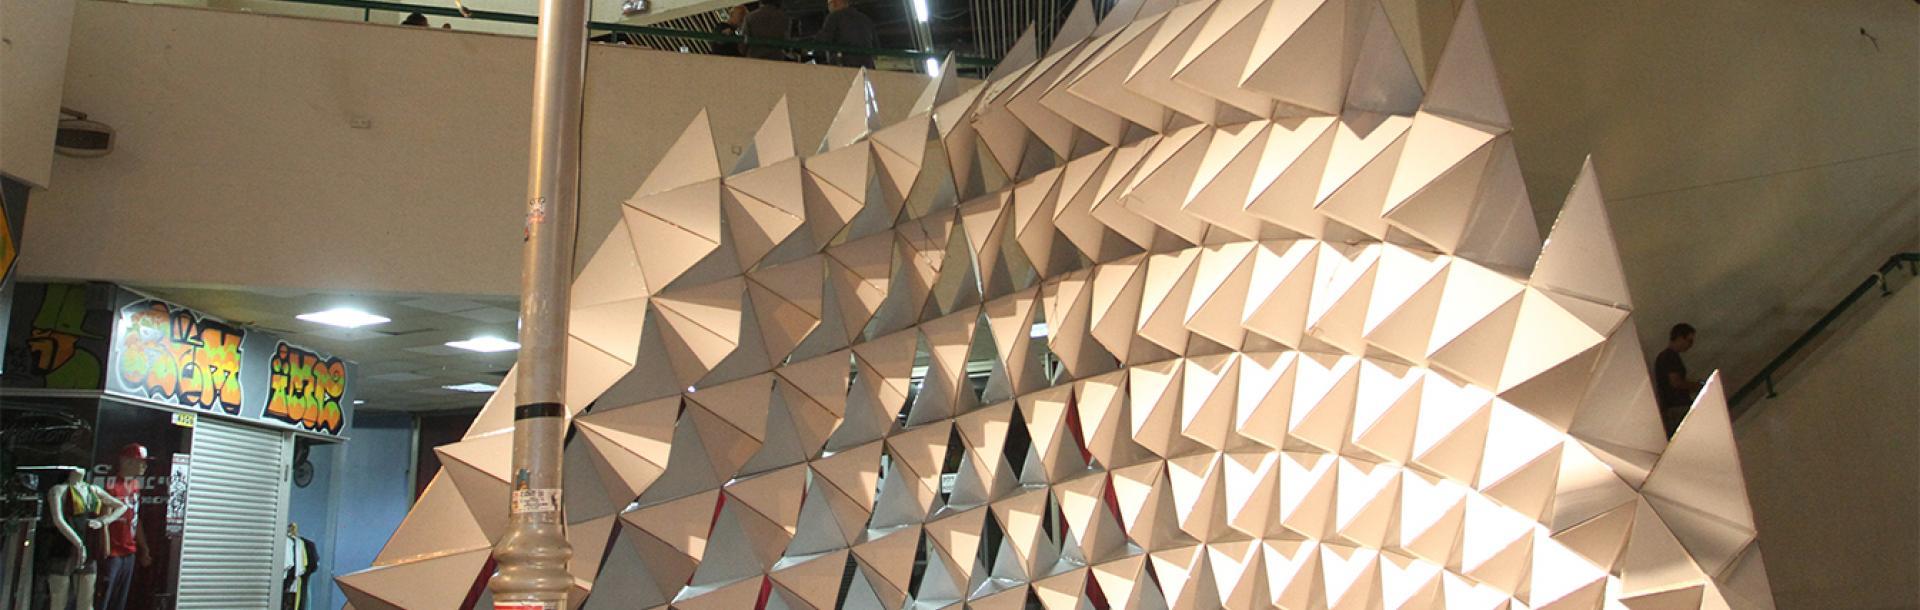 בית הספר לאדריכלות